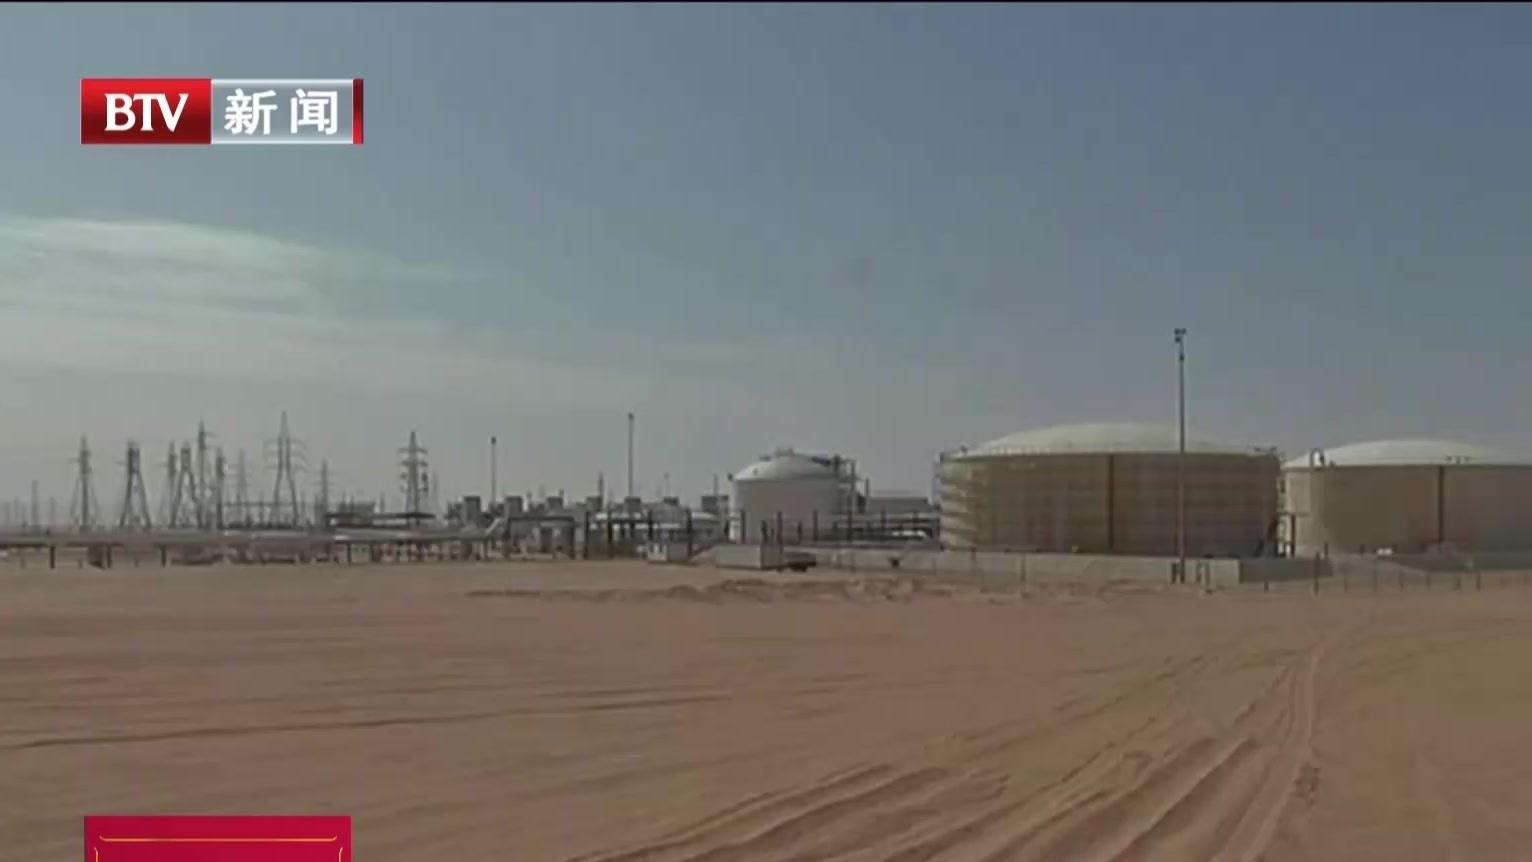 利比亚原油生产和出口再次被迫暂停